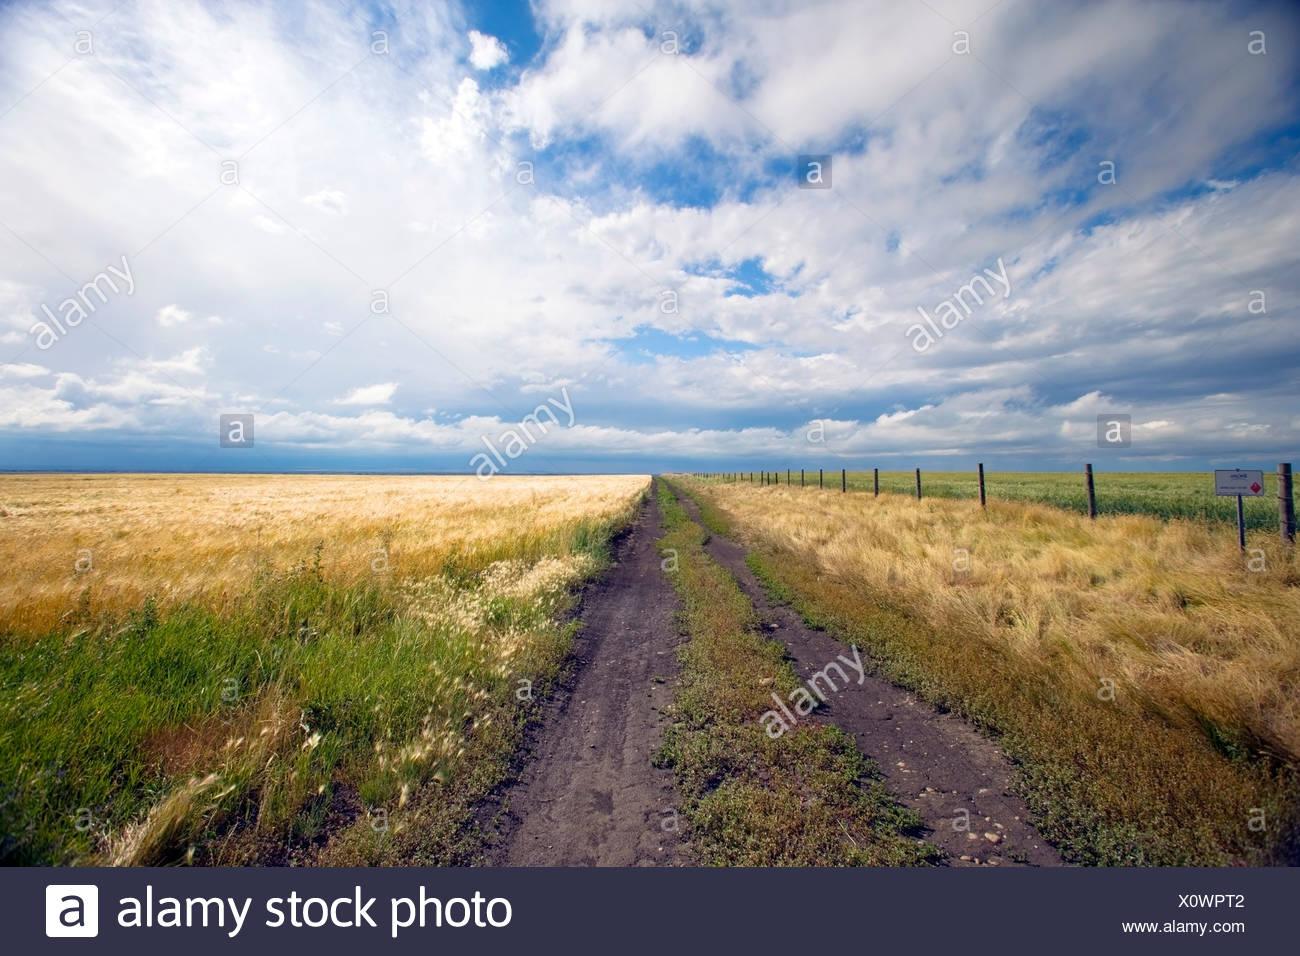 Storm breaking up plus de Ridge Road 221, l'Alberta, au Canada, les céréales, l'agriculture, la météo Photo Stock